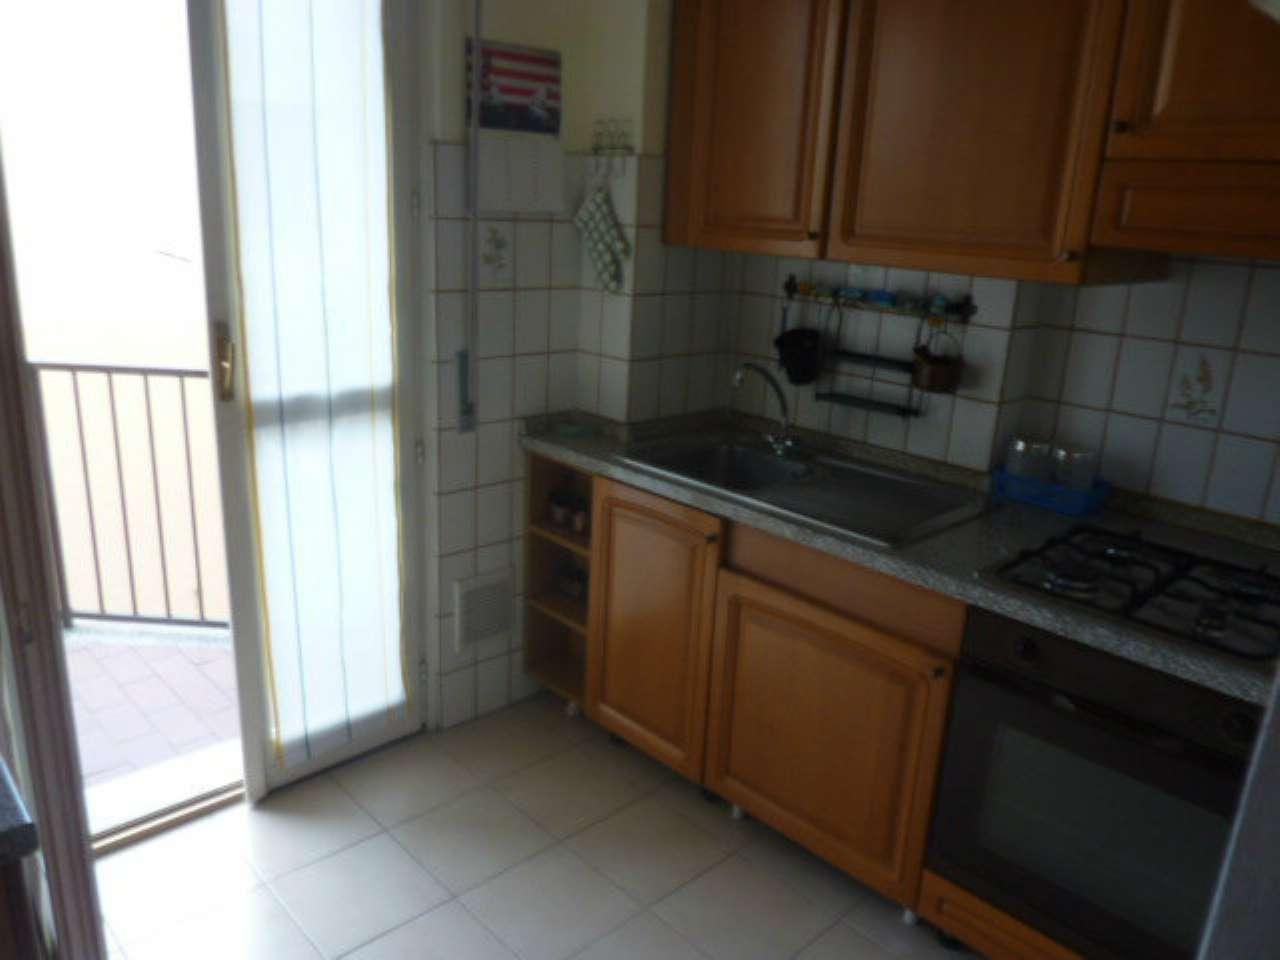 Appartamento trilocale in affitto a Pavia (PV)